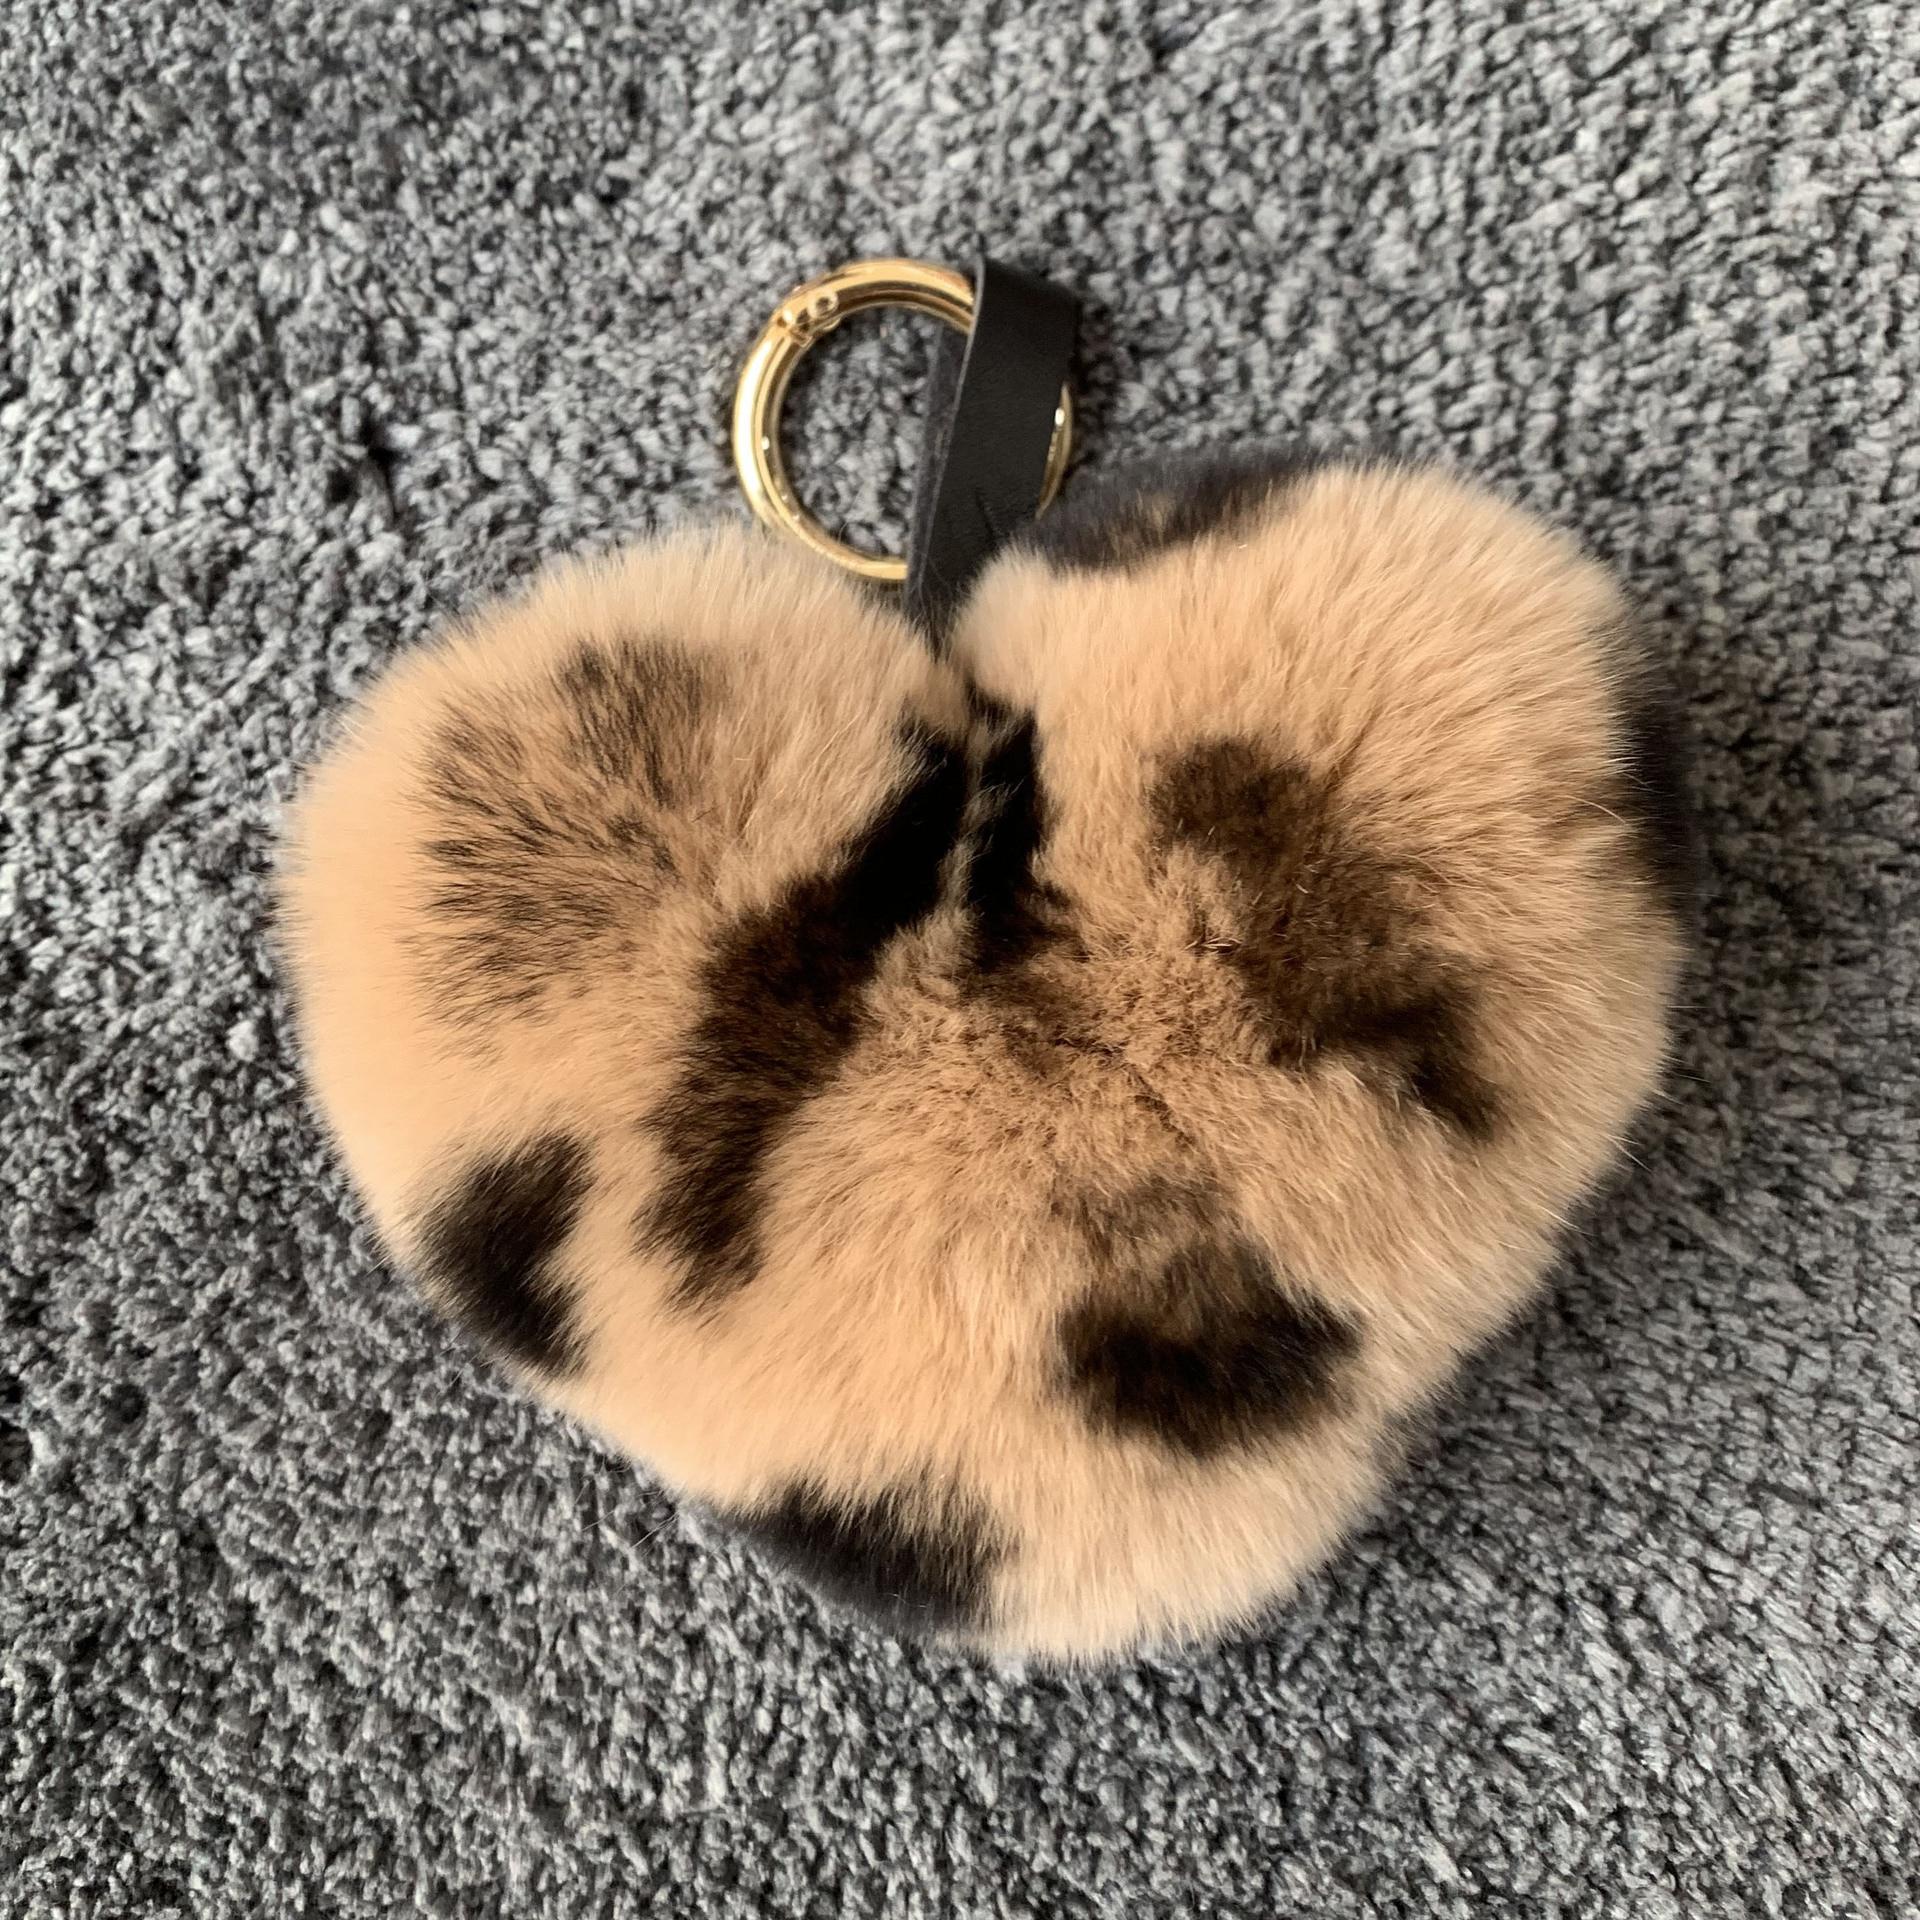 Nueva y encantadora Bola de Pelo de conejo con pompones en forma de corazón de imitación, muñeca de juguete, llavero de coche, llavero joya de regalo